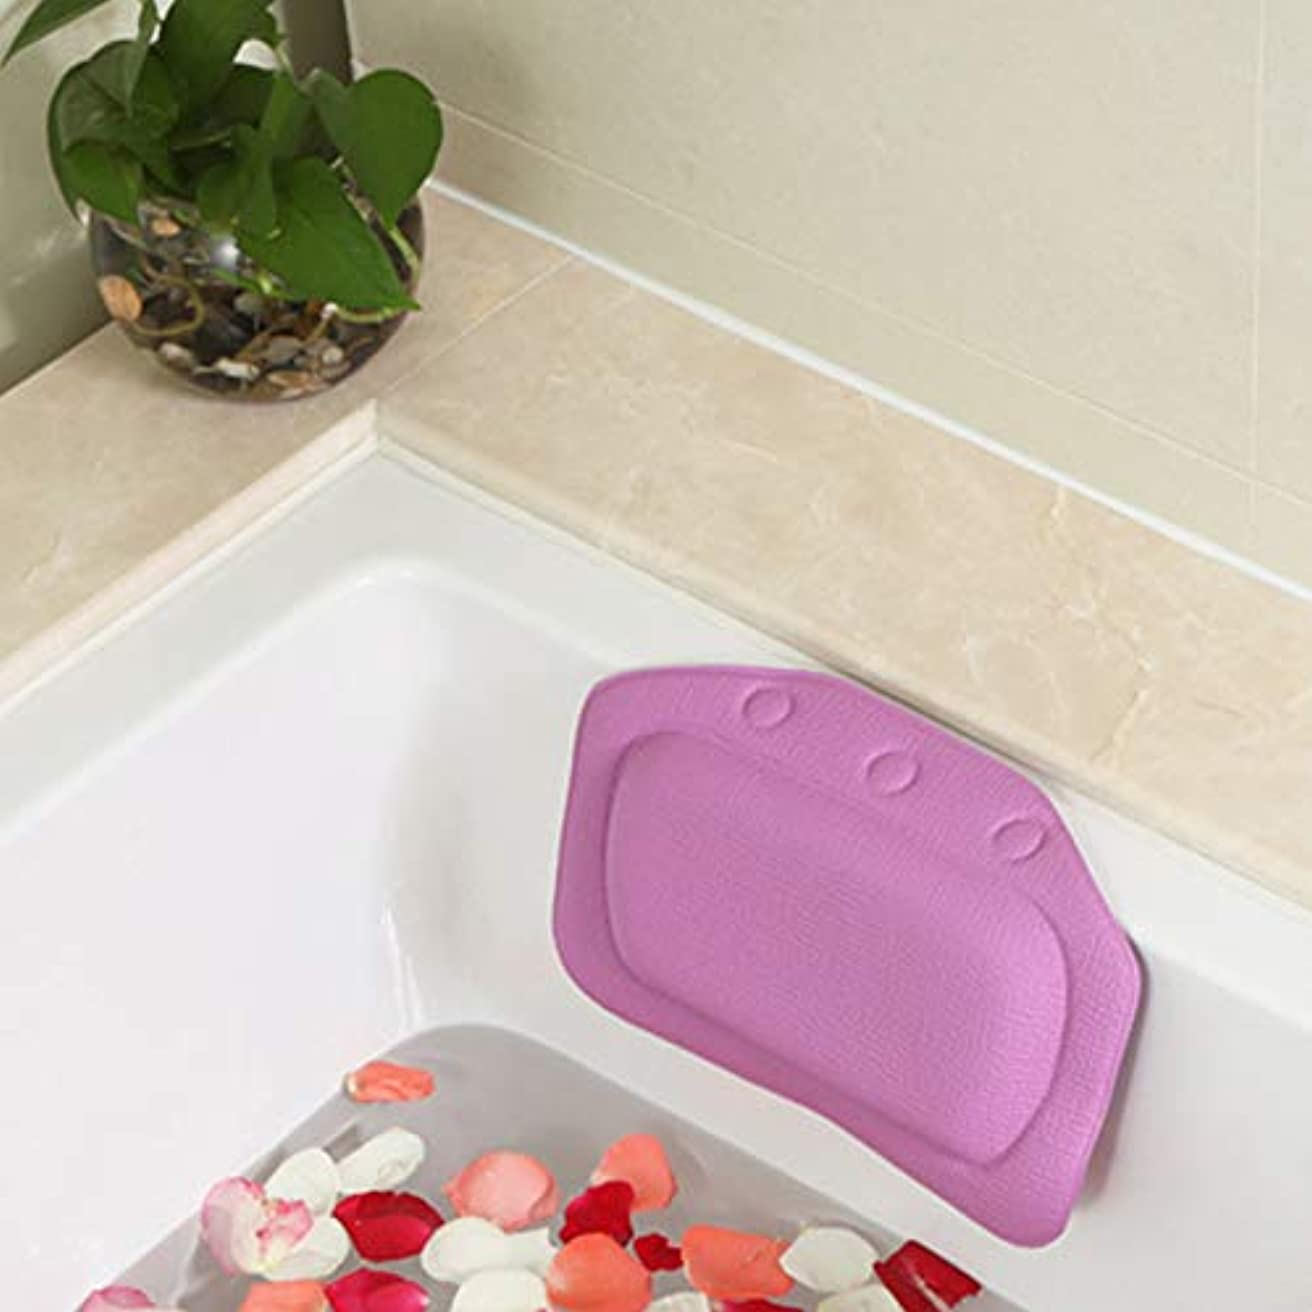 アニメーション機知に富んだ方法論柔らかいpvc発泡スポンジ風呂枕防水ヘッドレストクッション付き浴室シャワー浴槽リラックスアクセサリー,Purple